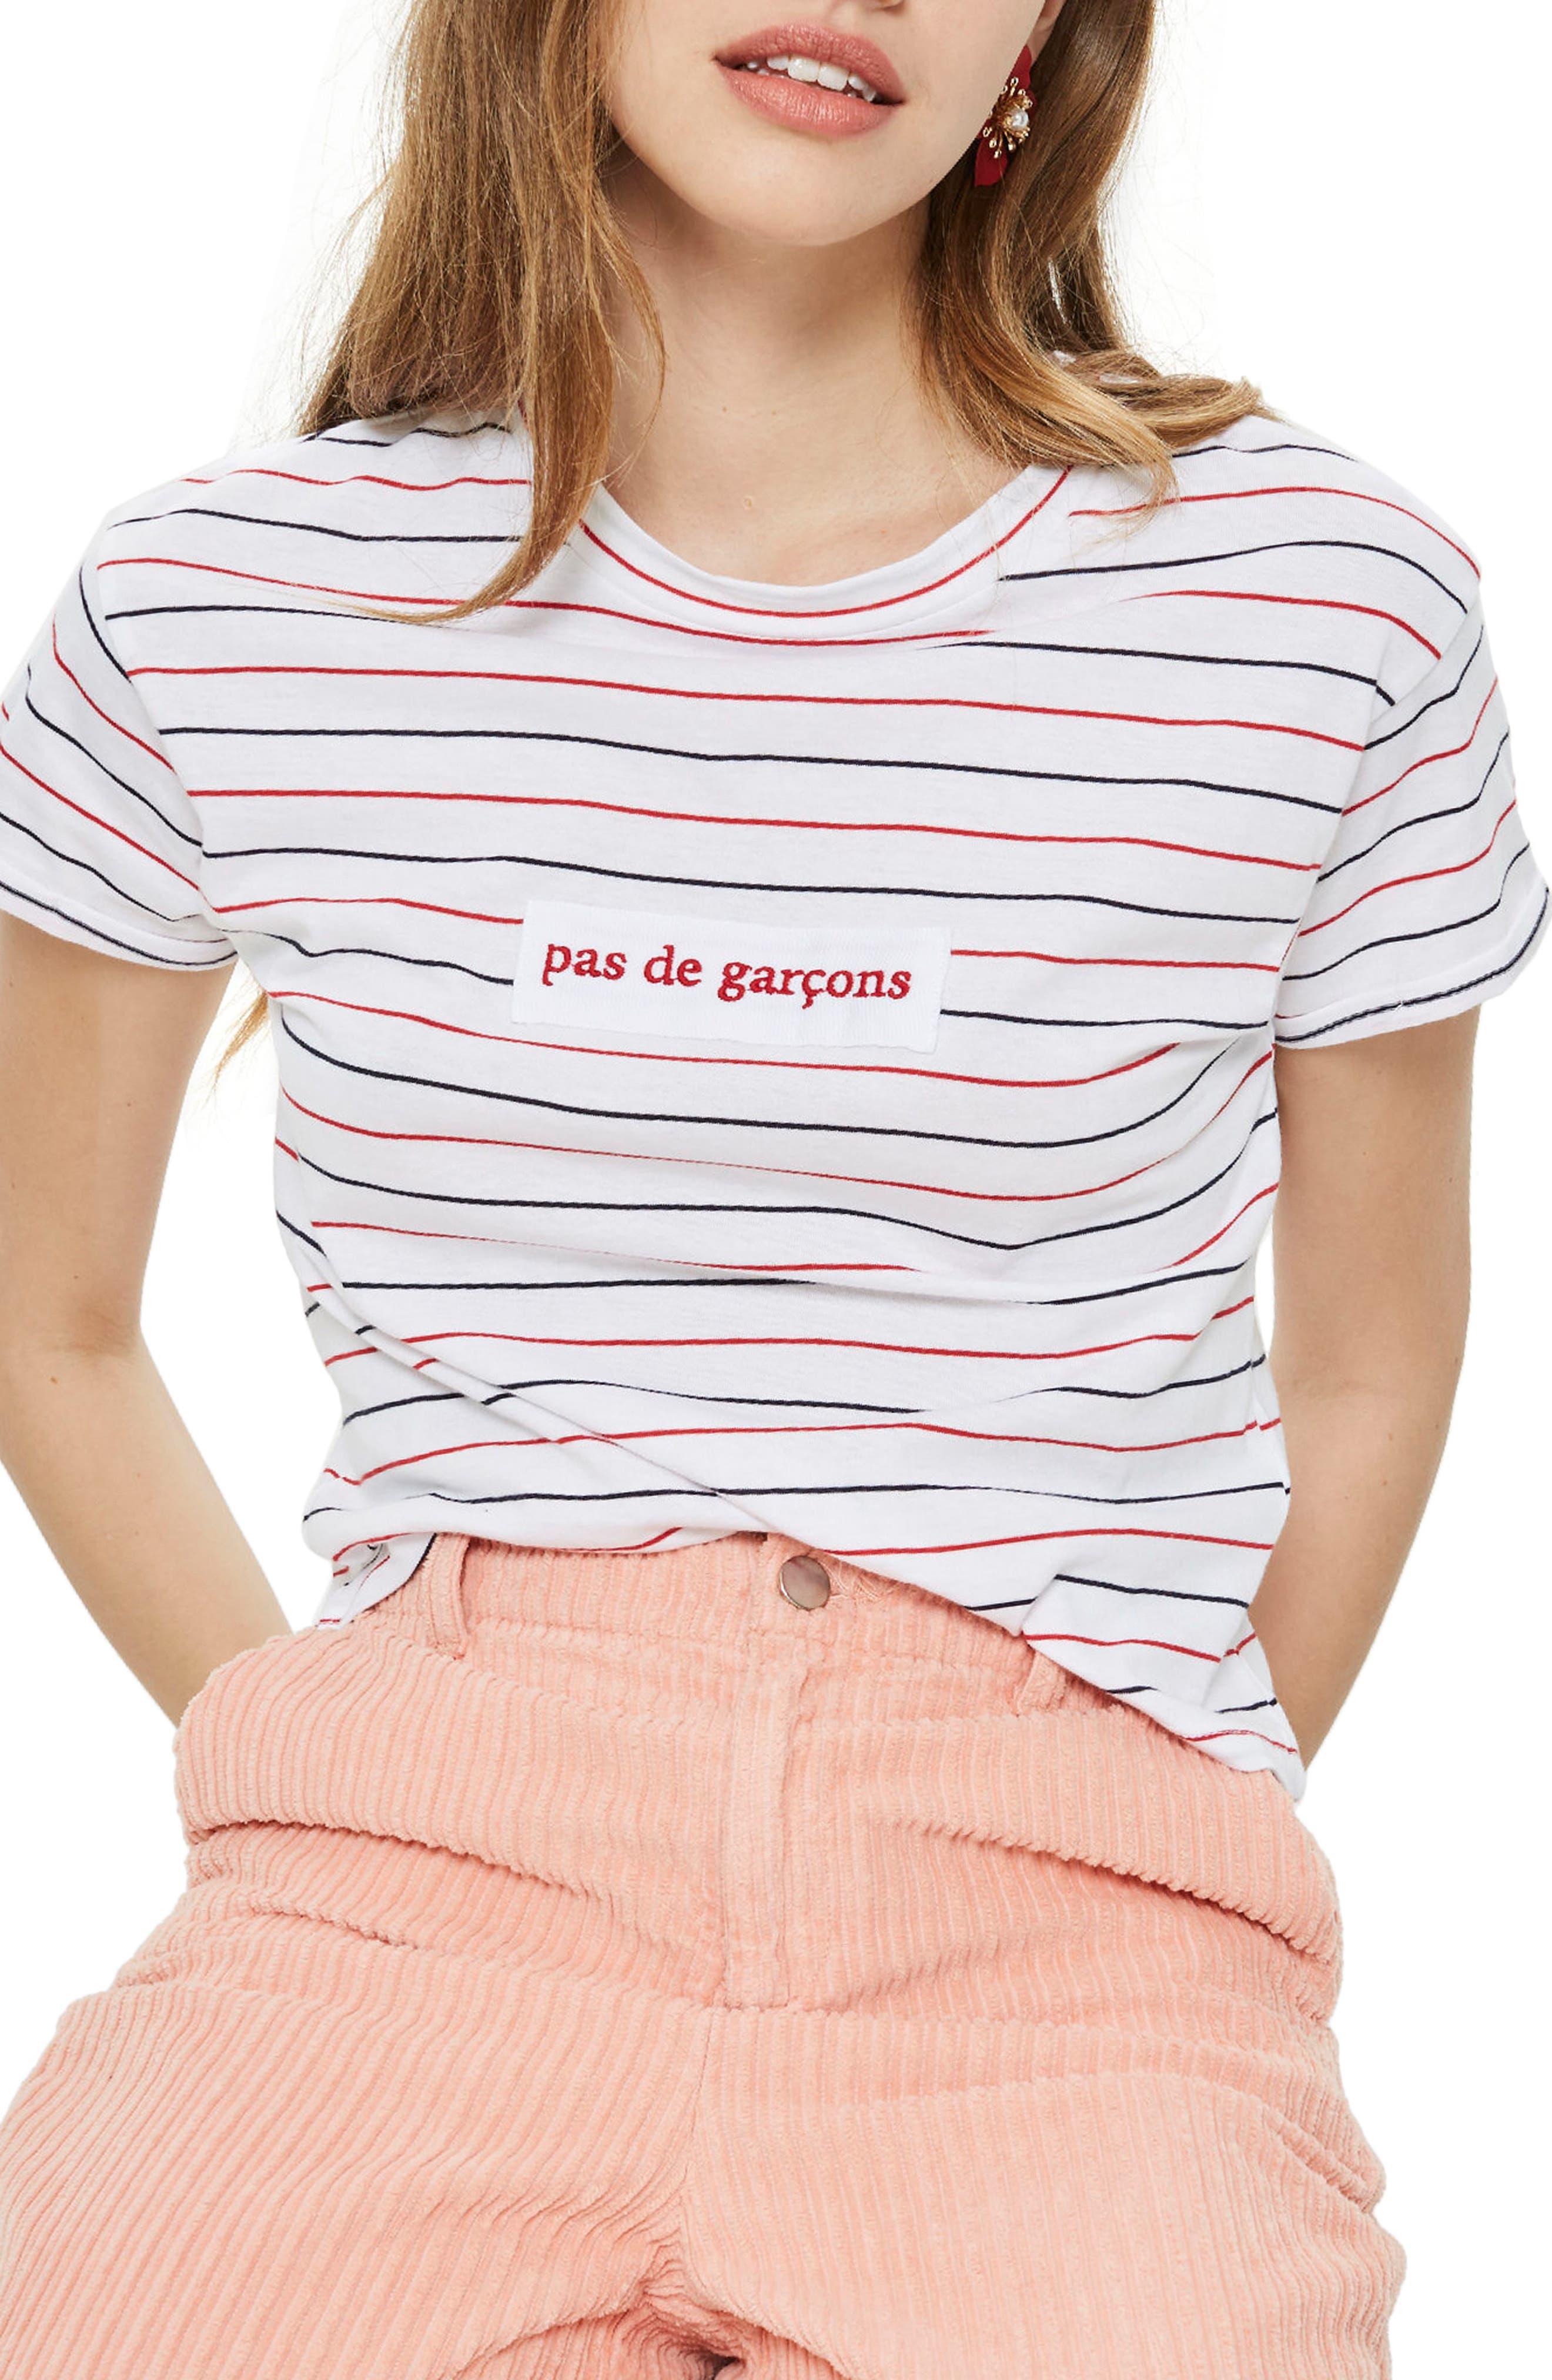 Pas De Garcons Stripe T-Shirt,                         Main,                         color, White